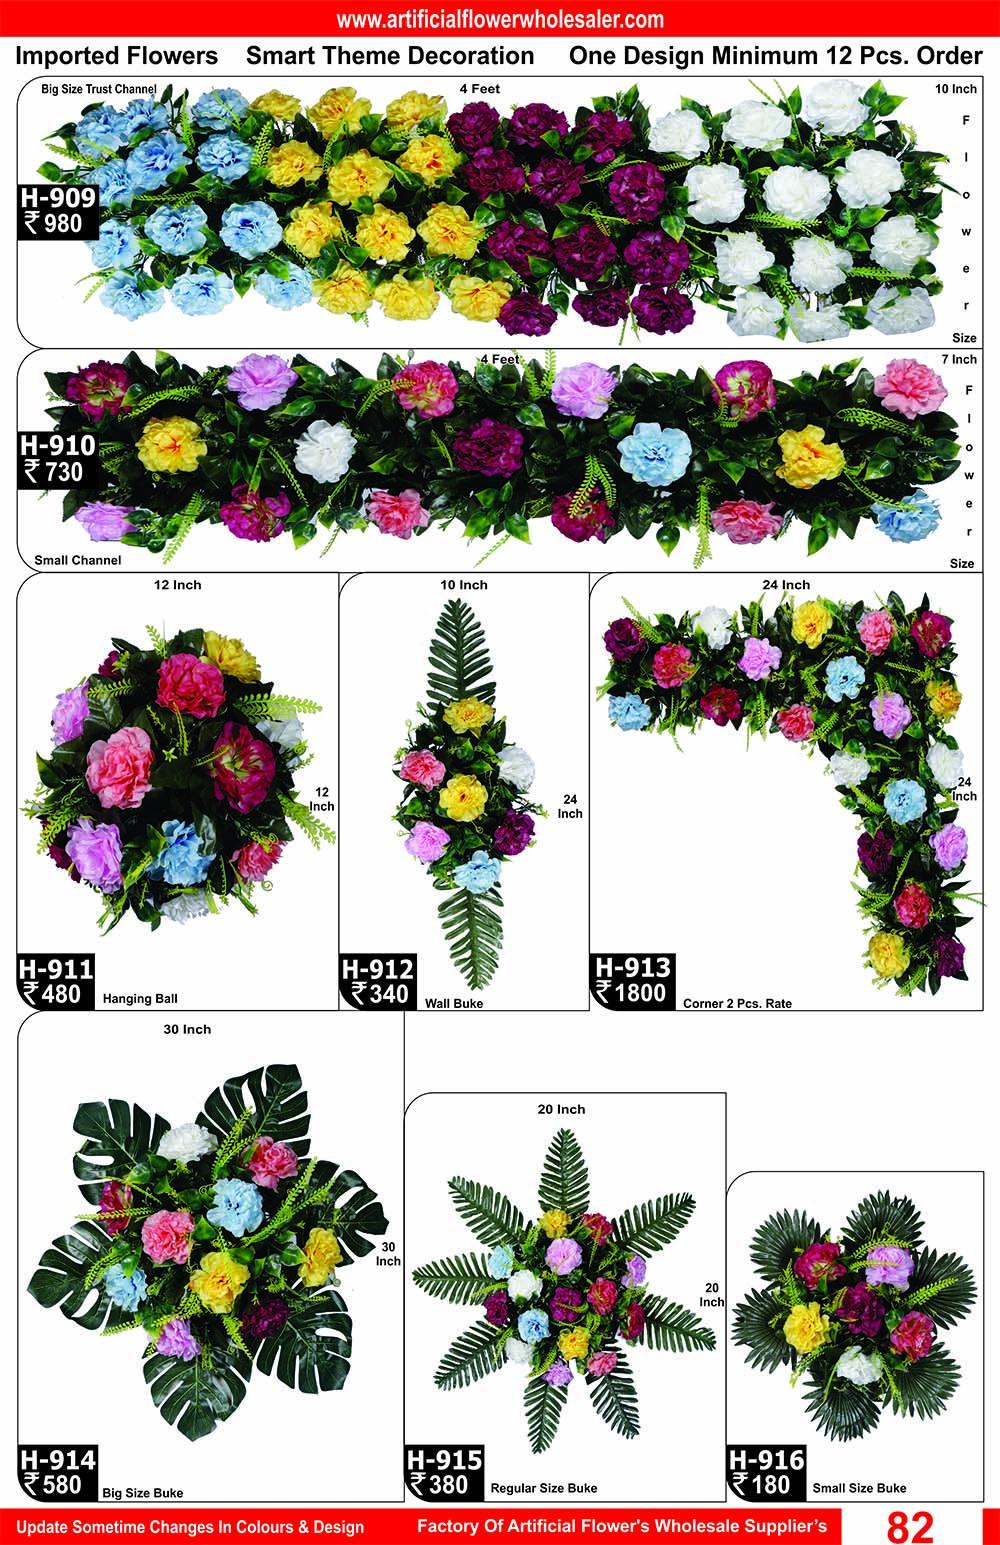 82-artificial-flower-wholesaler